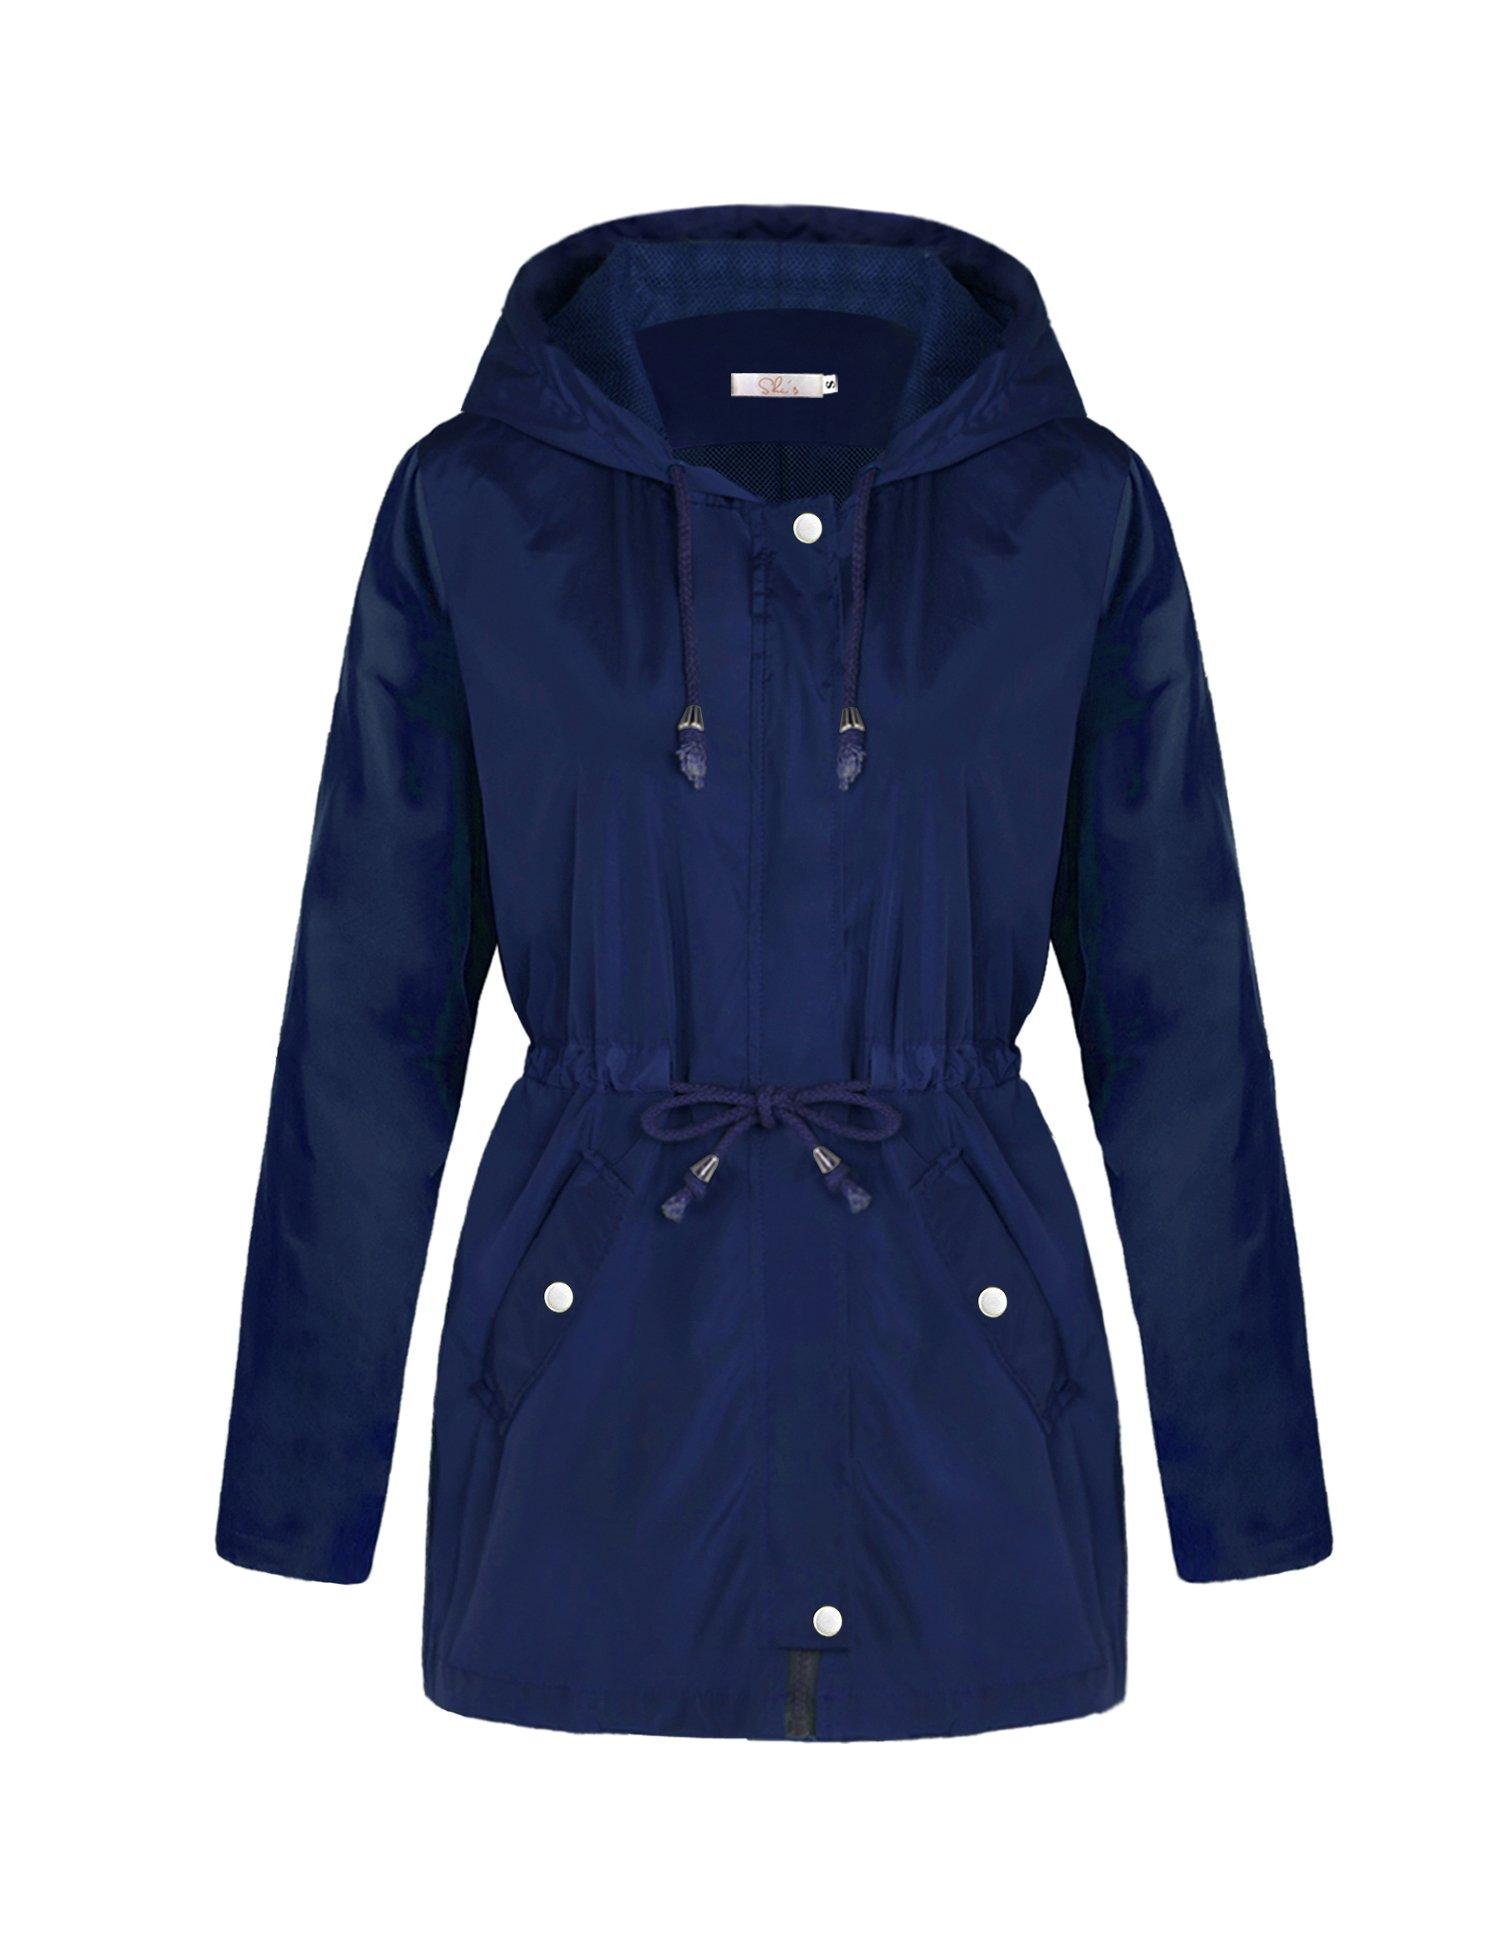 A Blues Man Womens Lightweight Lining Hooded Waterproof Outdoor Zipper Rain Jacket Blue Button L